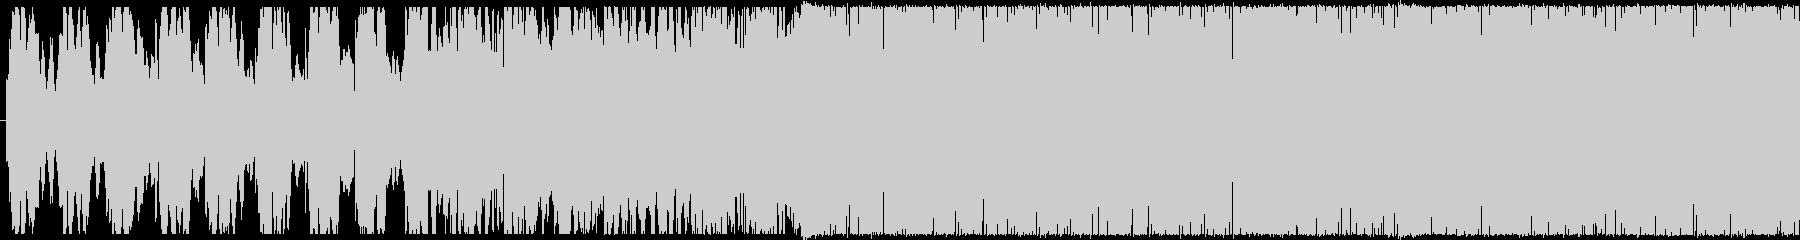 シンセ主体のサイバーチックなテクノの未再生の波形